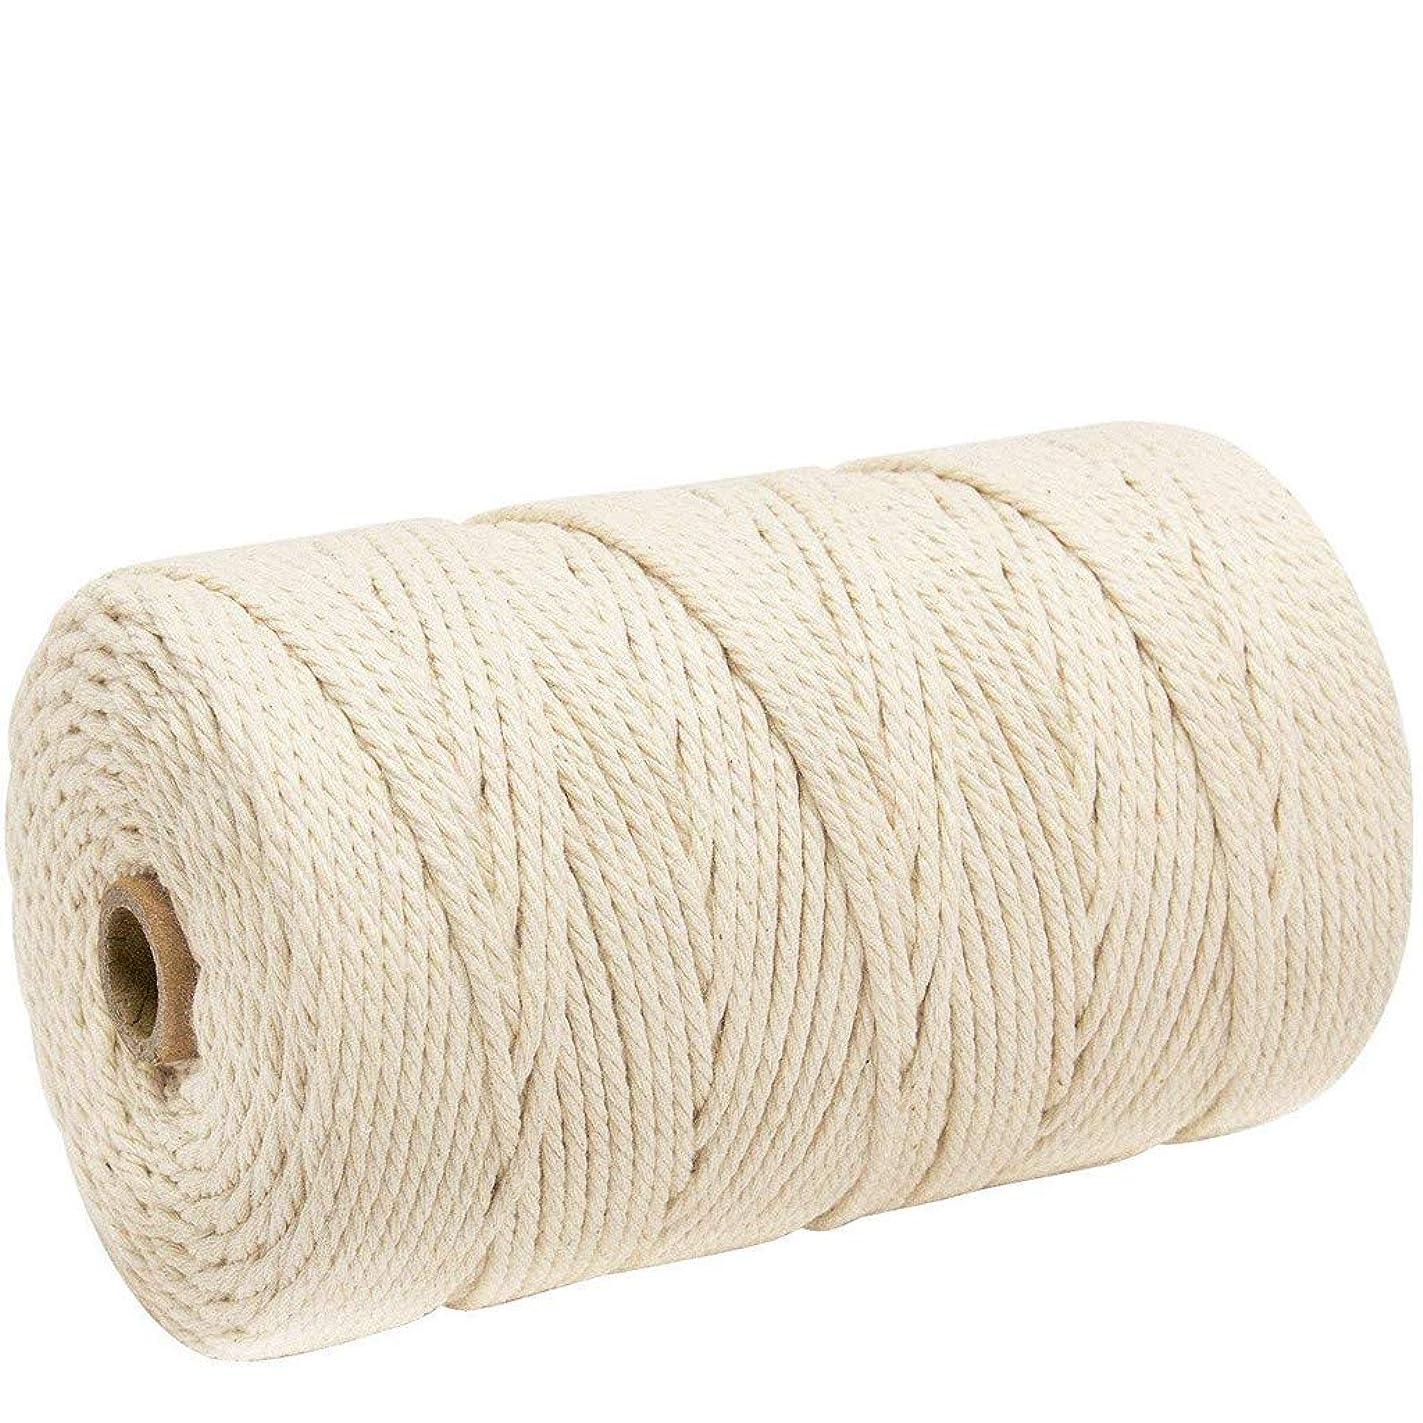 コントラスト合図追い越すナチュラルコットン マクラメ ロープ 紐 糸 手作り編み糸 綿 DIY壁掛けハンガークラフト編みコードロープ 3㎜ 200m (ライスホワイト)